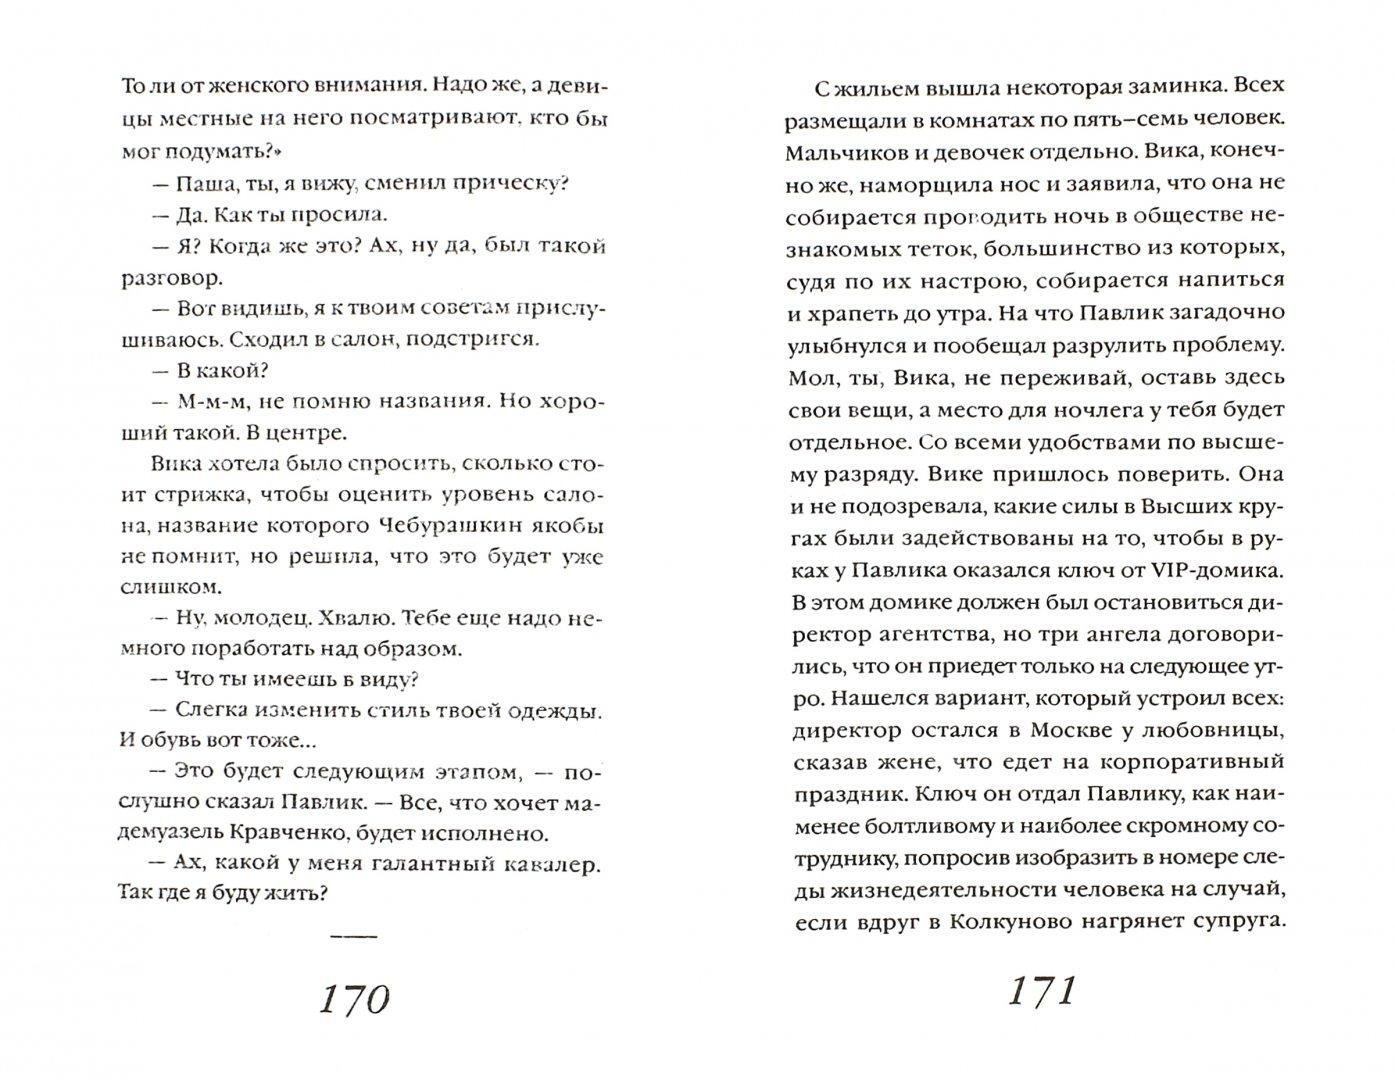 Иллюстрация 1 из 7 для Ангел, приносящий удачу - Ольга Антонова | Лабиринт - книги. Источник: Лабиринт